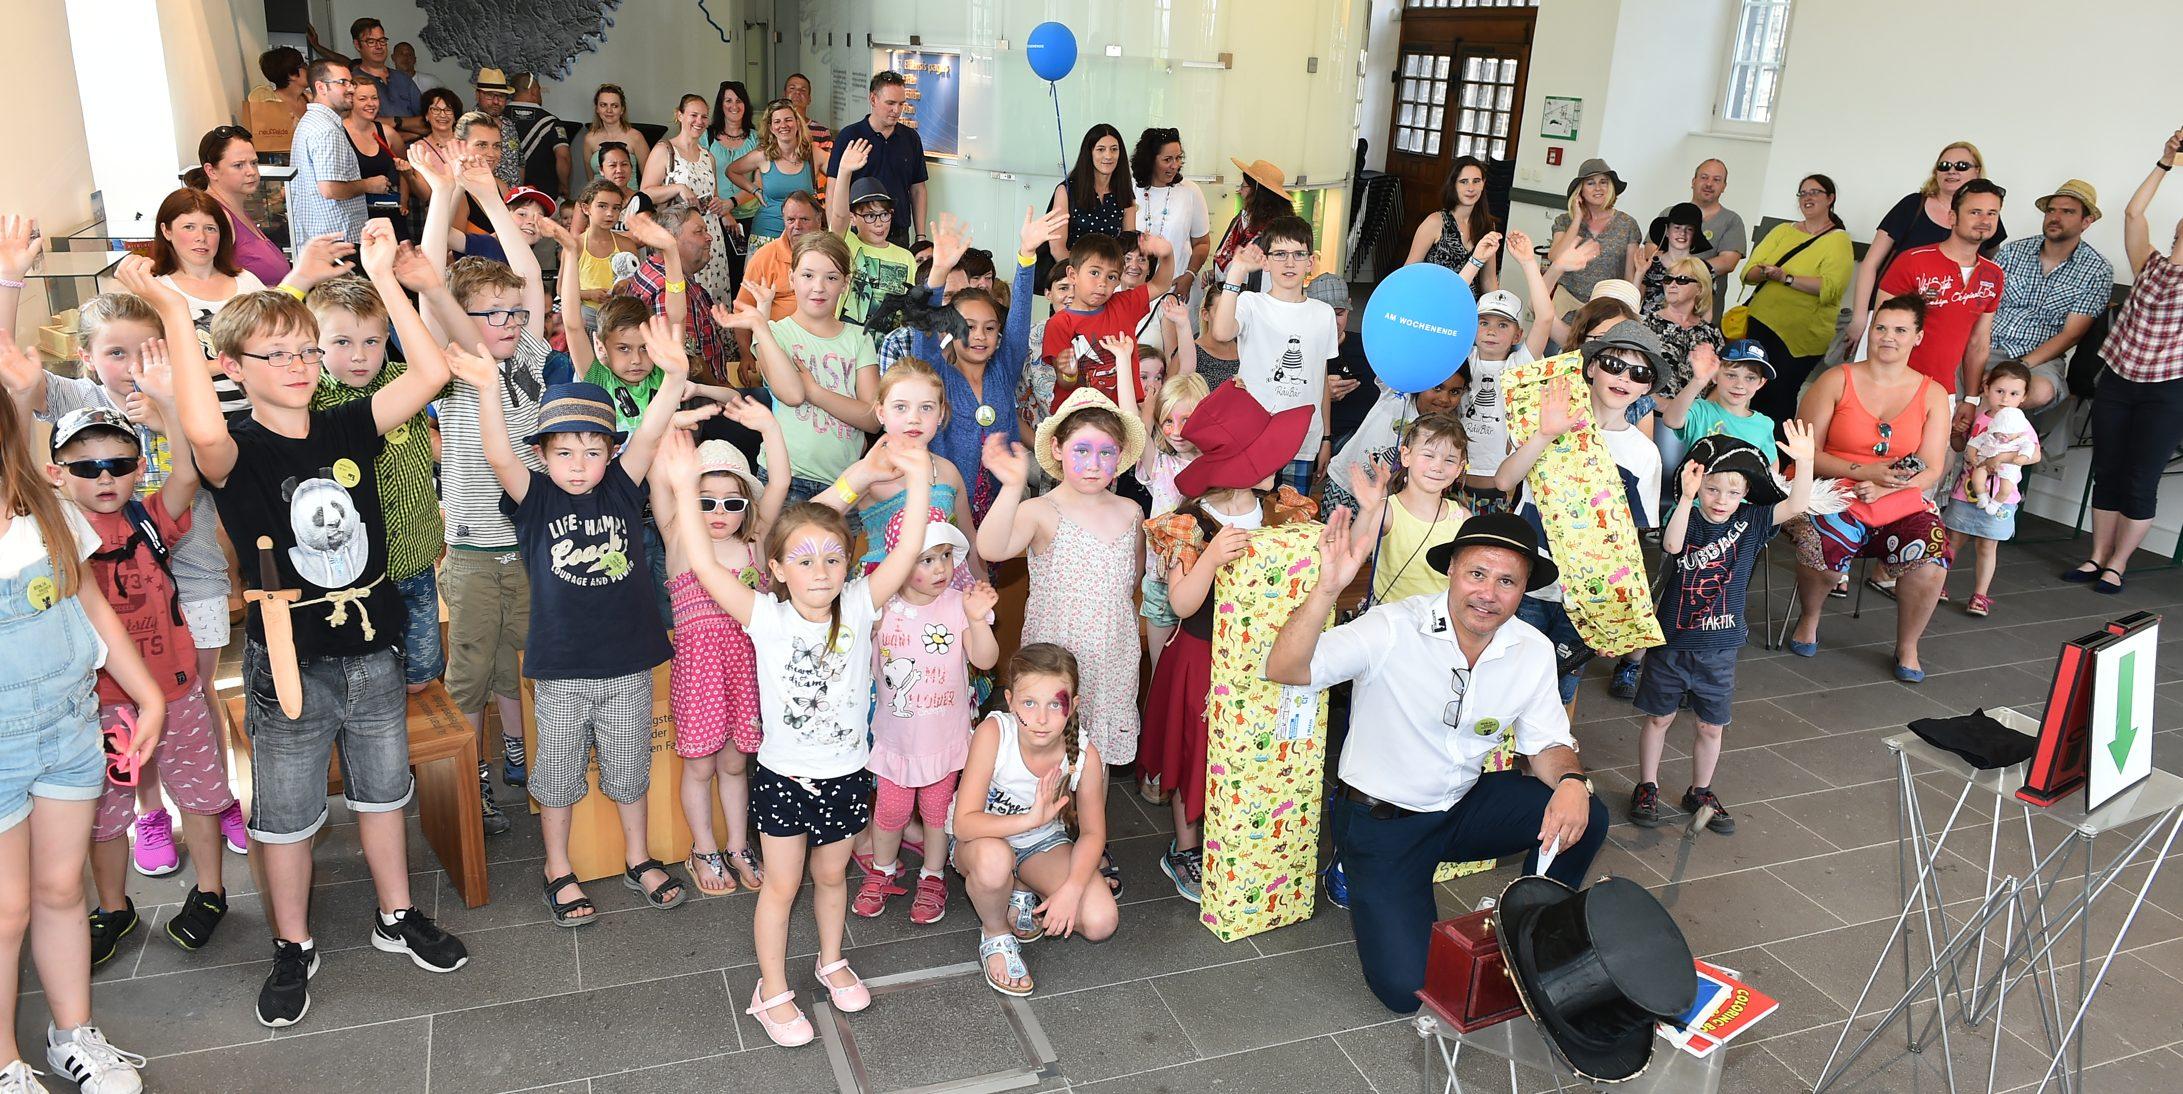 Burgfestspiele Mayen Kinder Kinderprogramm Am Wochenende